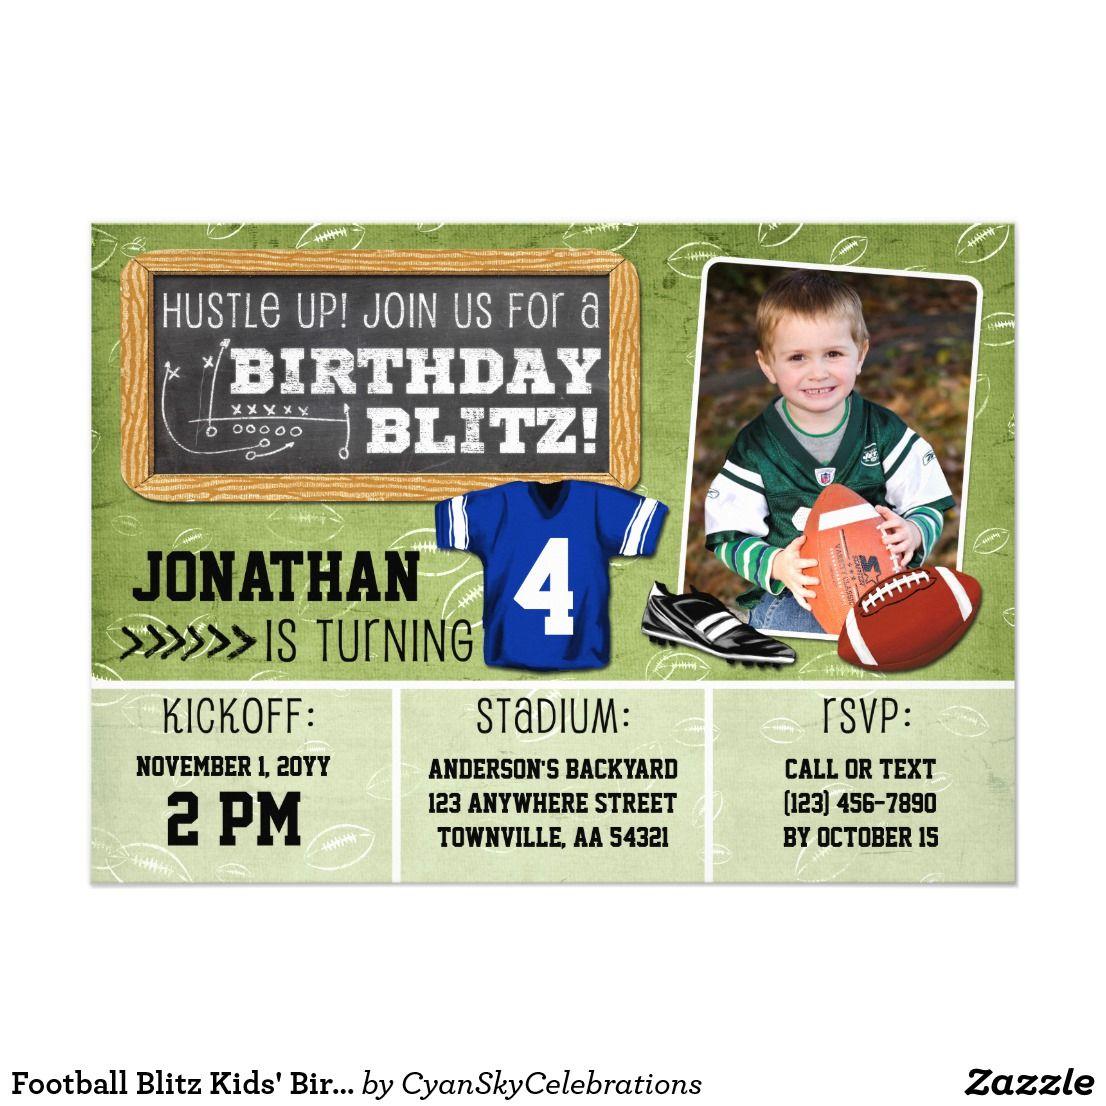 Football Blitz Kids\' Birthday Party Invitation | Kids birthday party ...